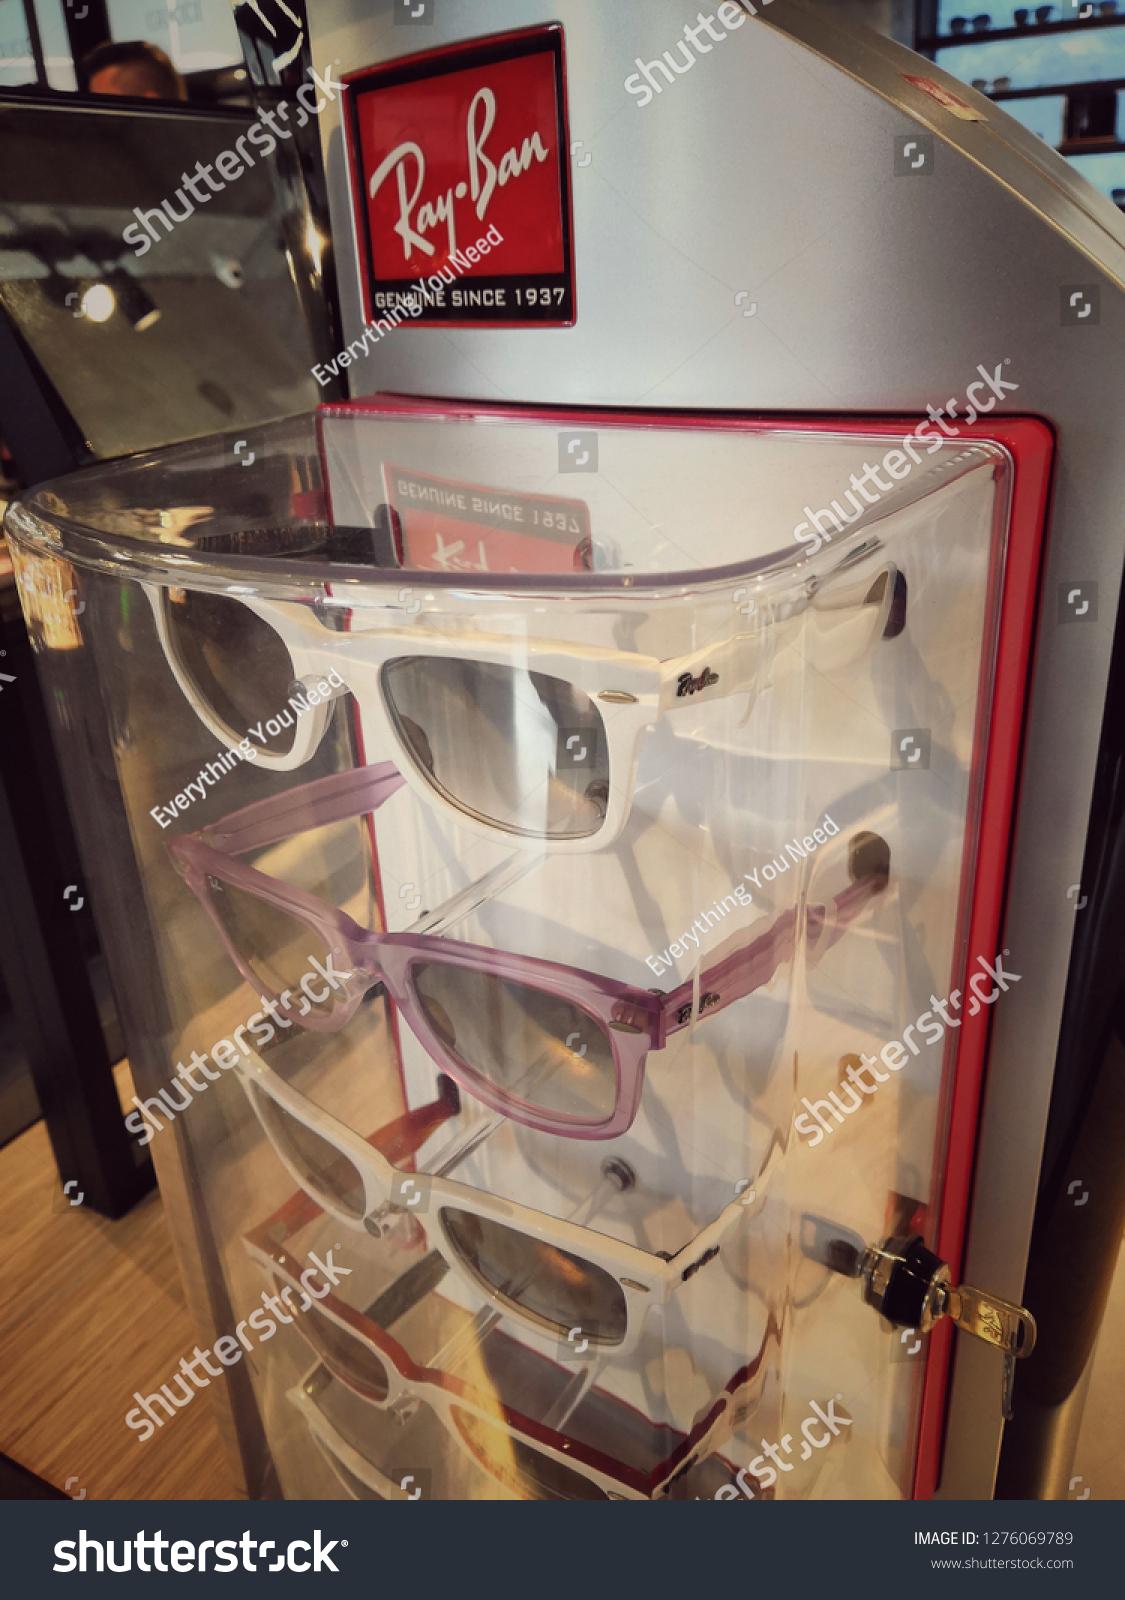 Kuala Lumpurmalaysia January 2019 Rayban Sunglasses Stock